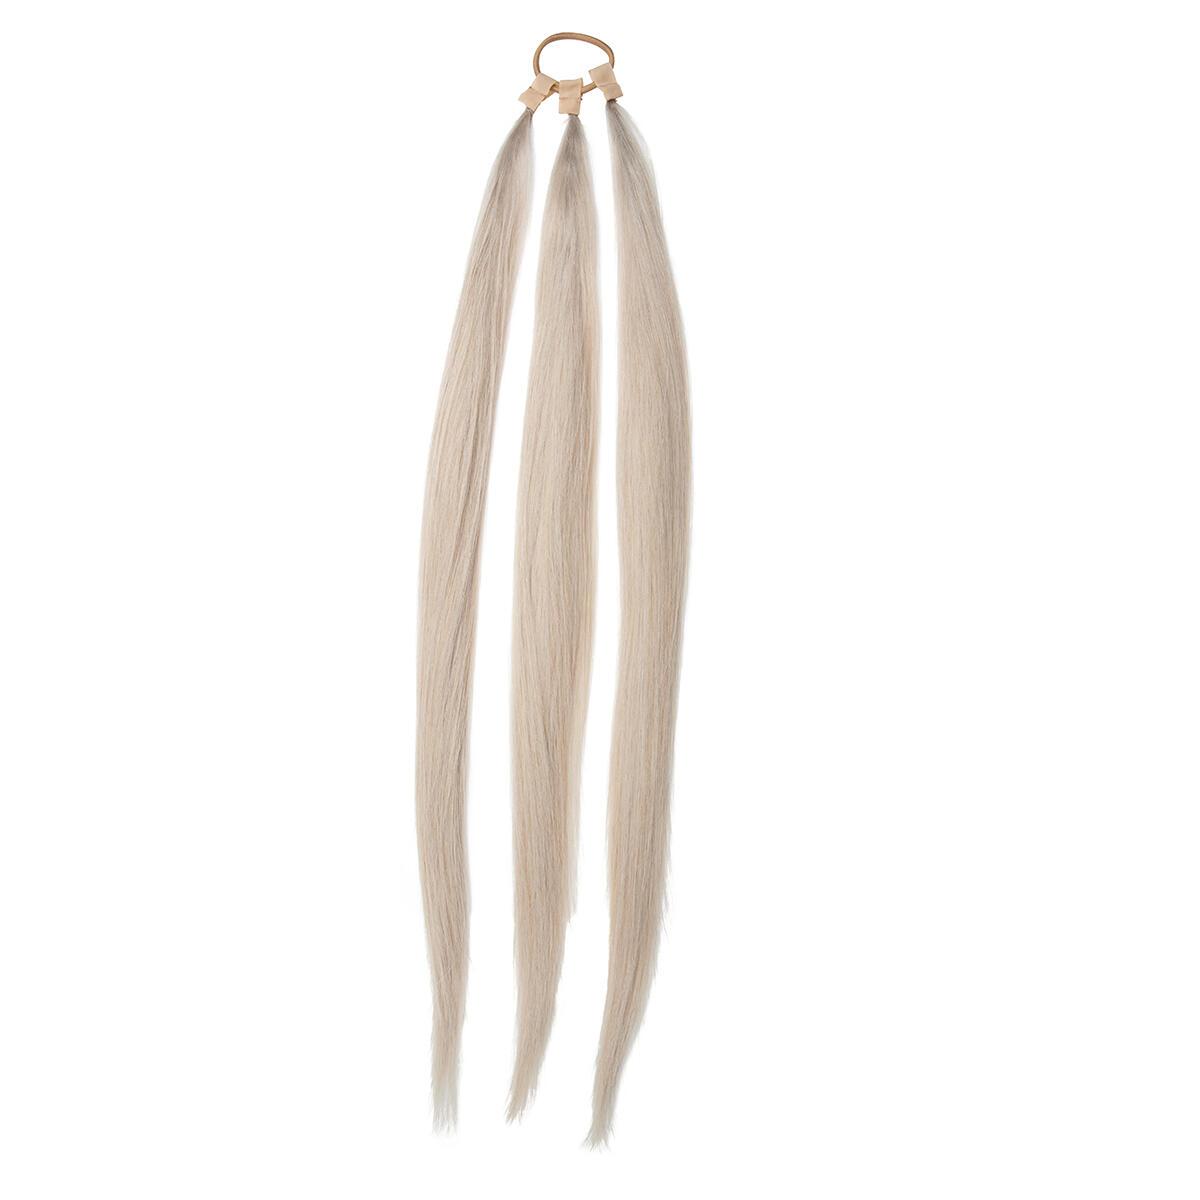 Easy Braid Original 10.7 Light Grey 55 cm